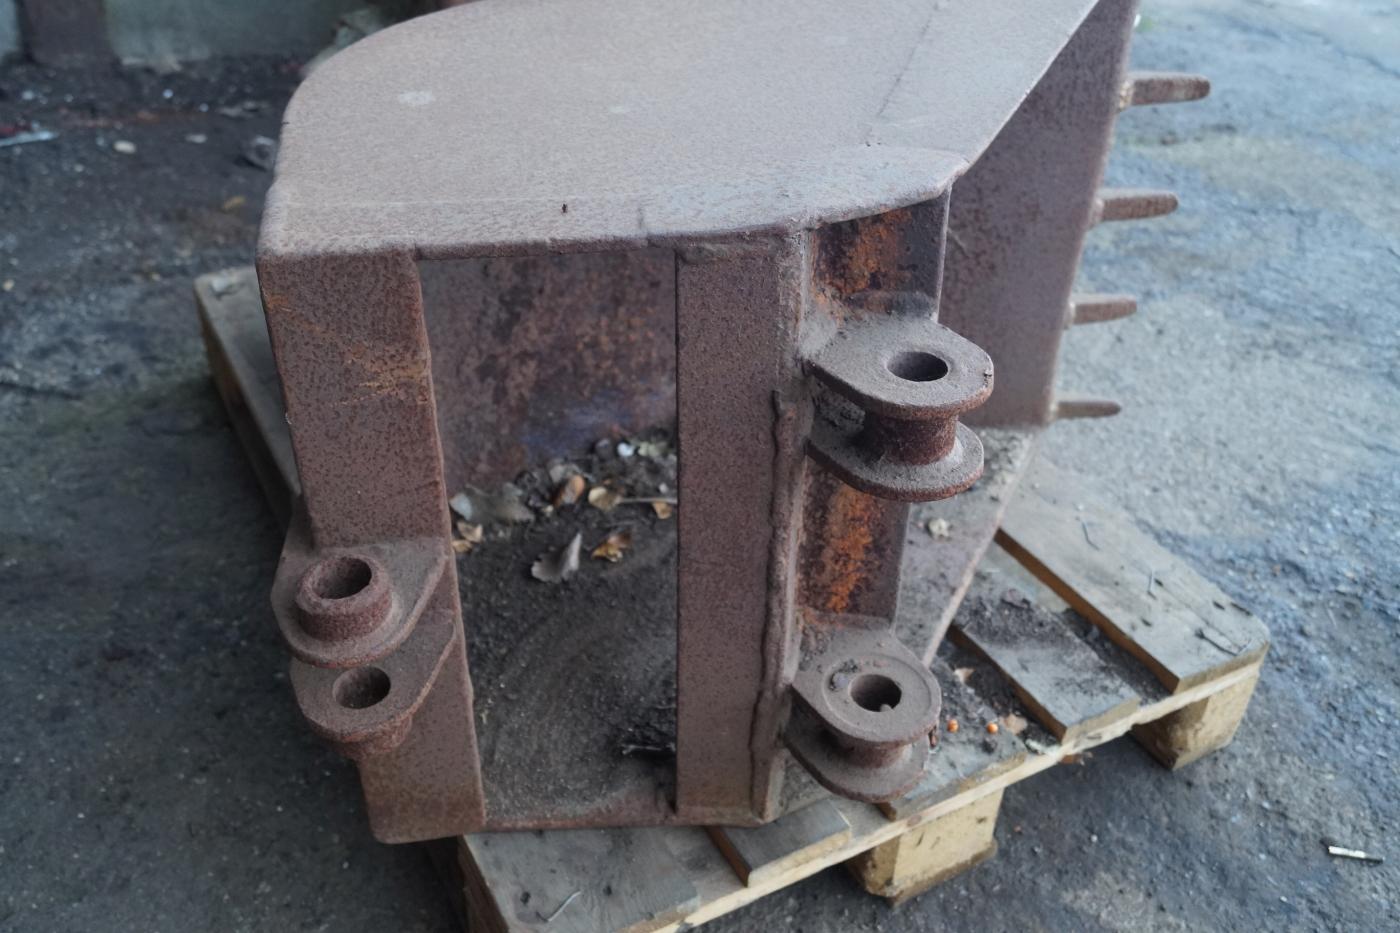 2 stk skovle. For minigraver, ene med tæring i bund. - KJ Auktion - Maskinauktioner